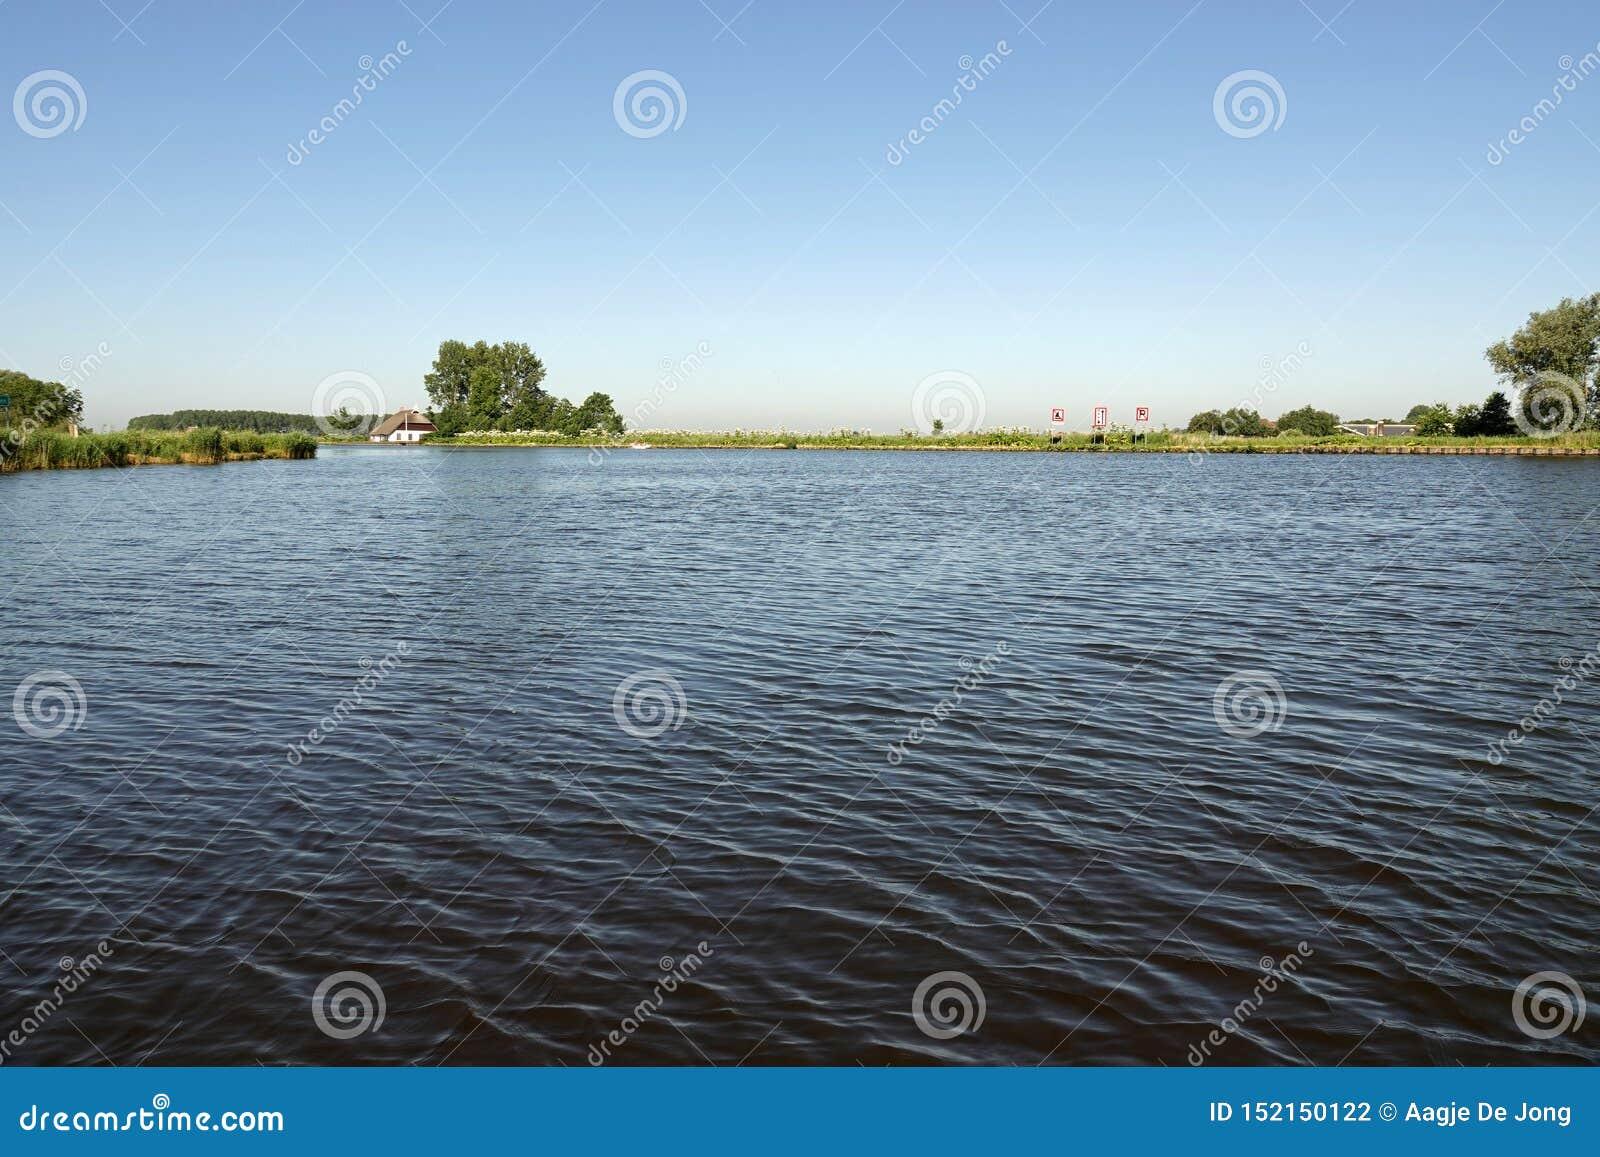 Воды озера Sanemar Eernewoude во Фрисландии